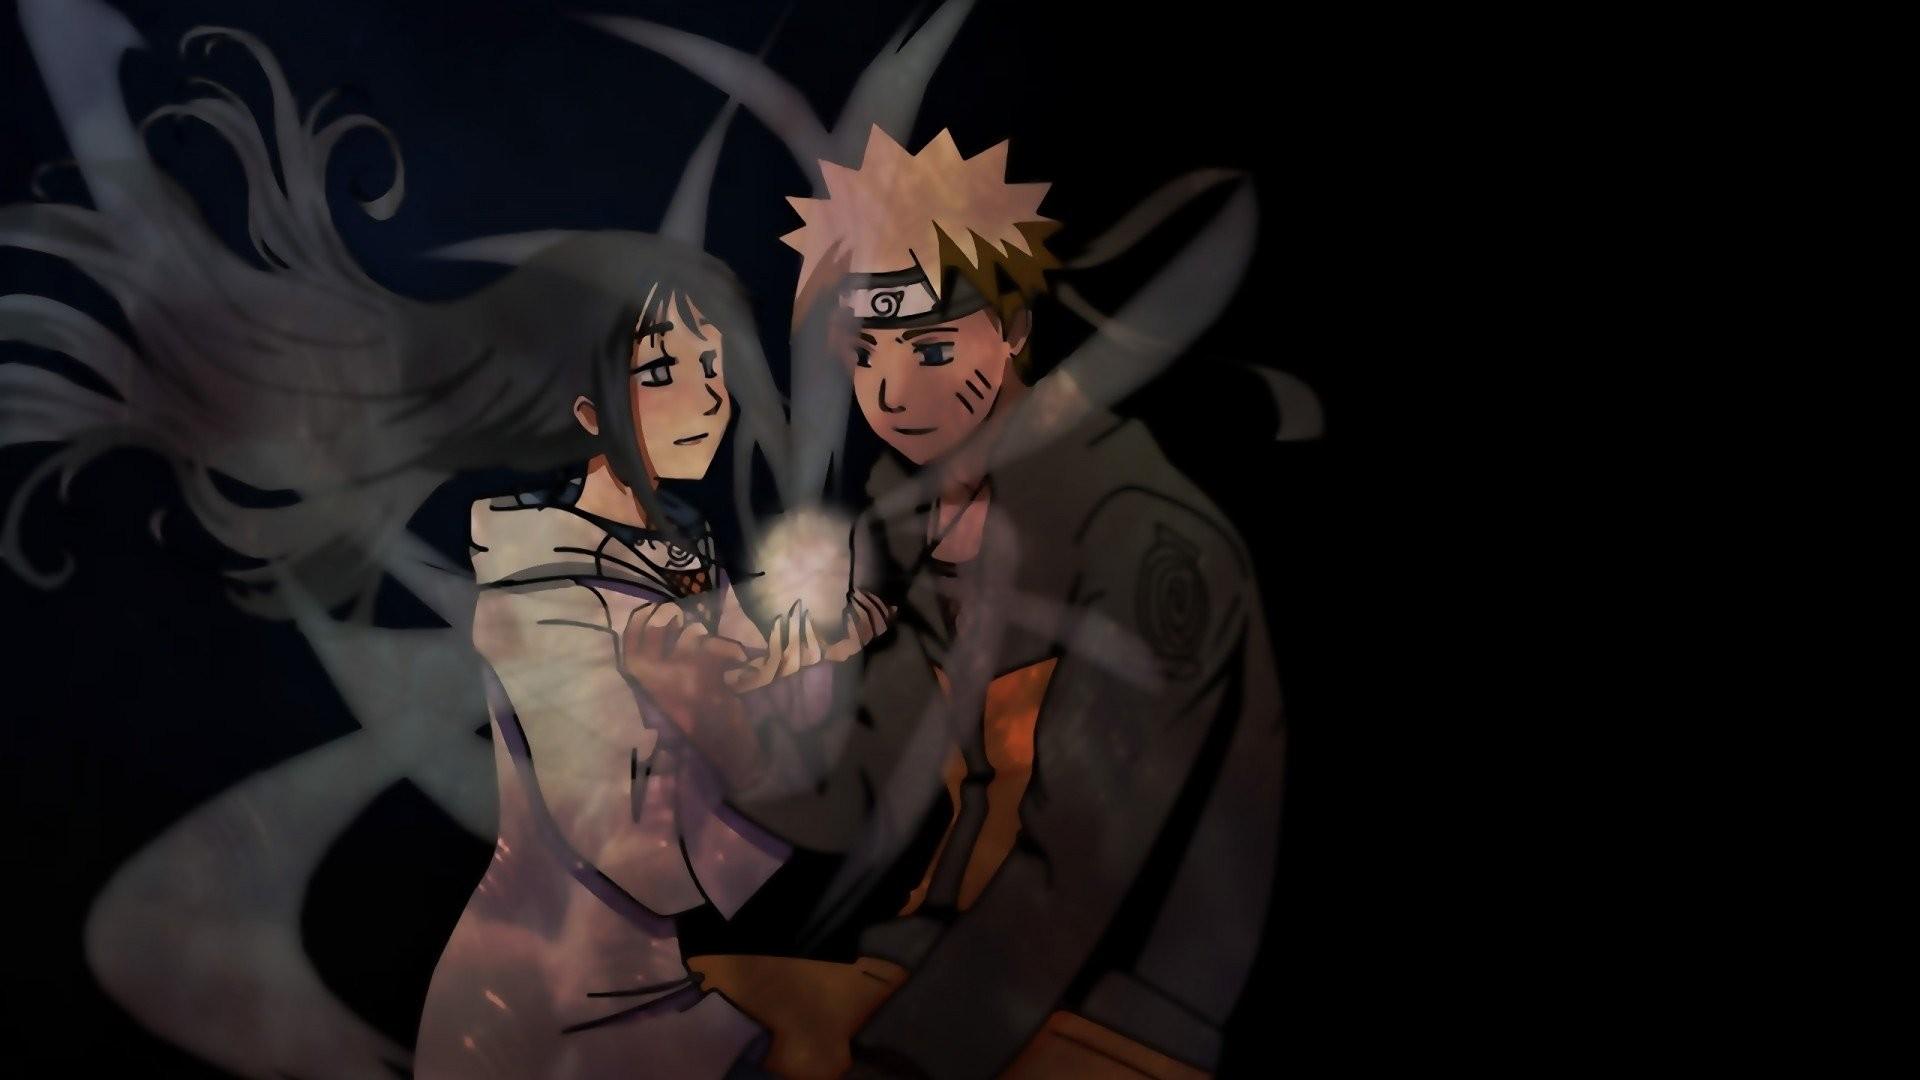 Wonderful Wallpaper Naruto Halloween - 589179-top-naruto-love-hinata-wallpaper-1920x1080  Perfect Image Reference_67958.jpg